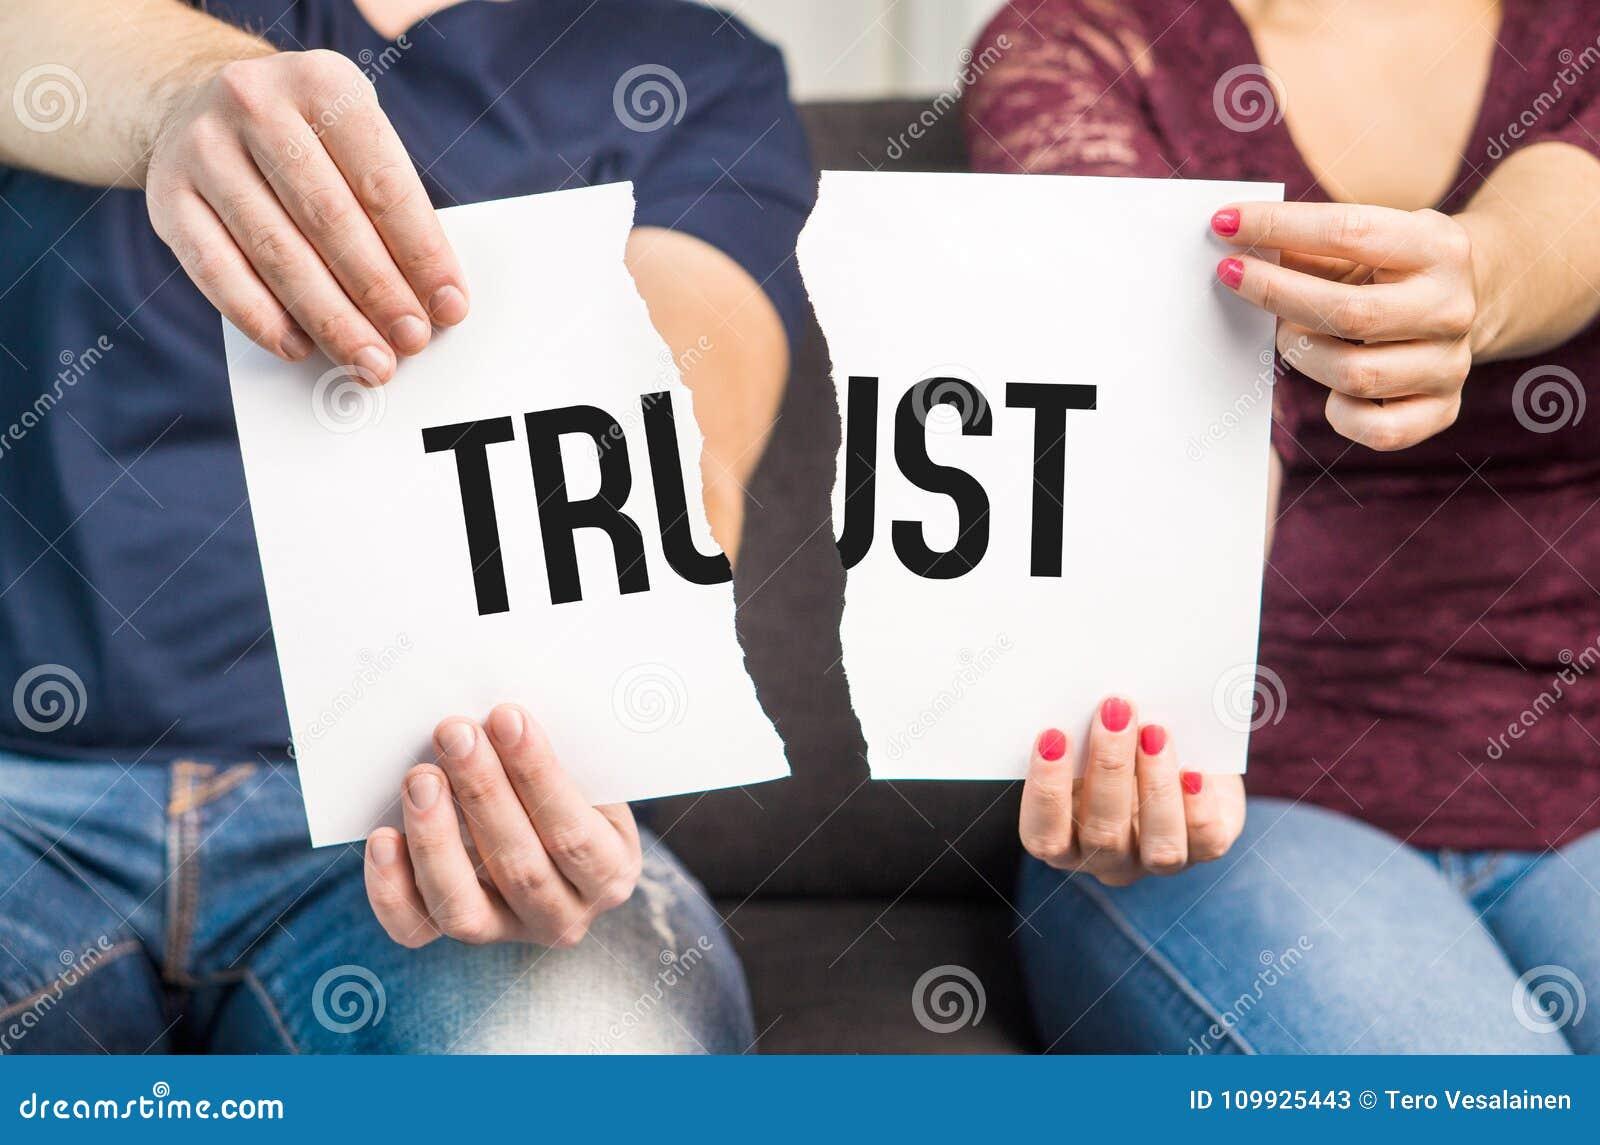 Geen vertrouwen het Bedriegen, ontrouw, echtelijke problemen